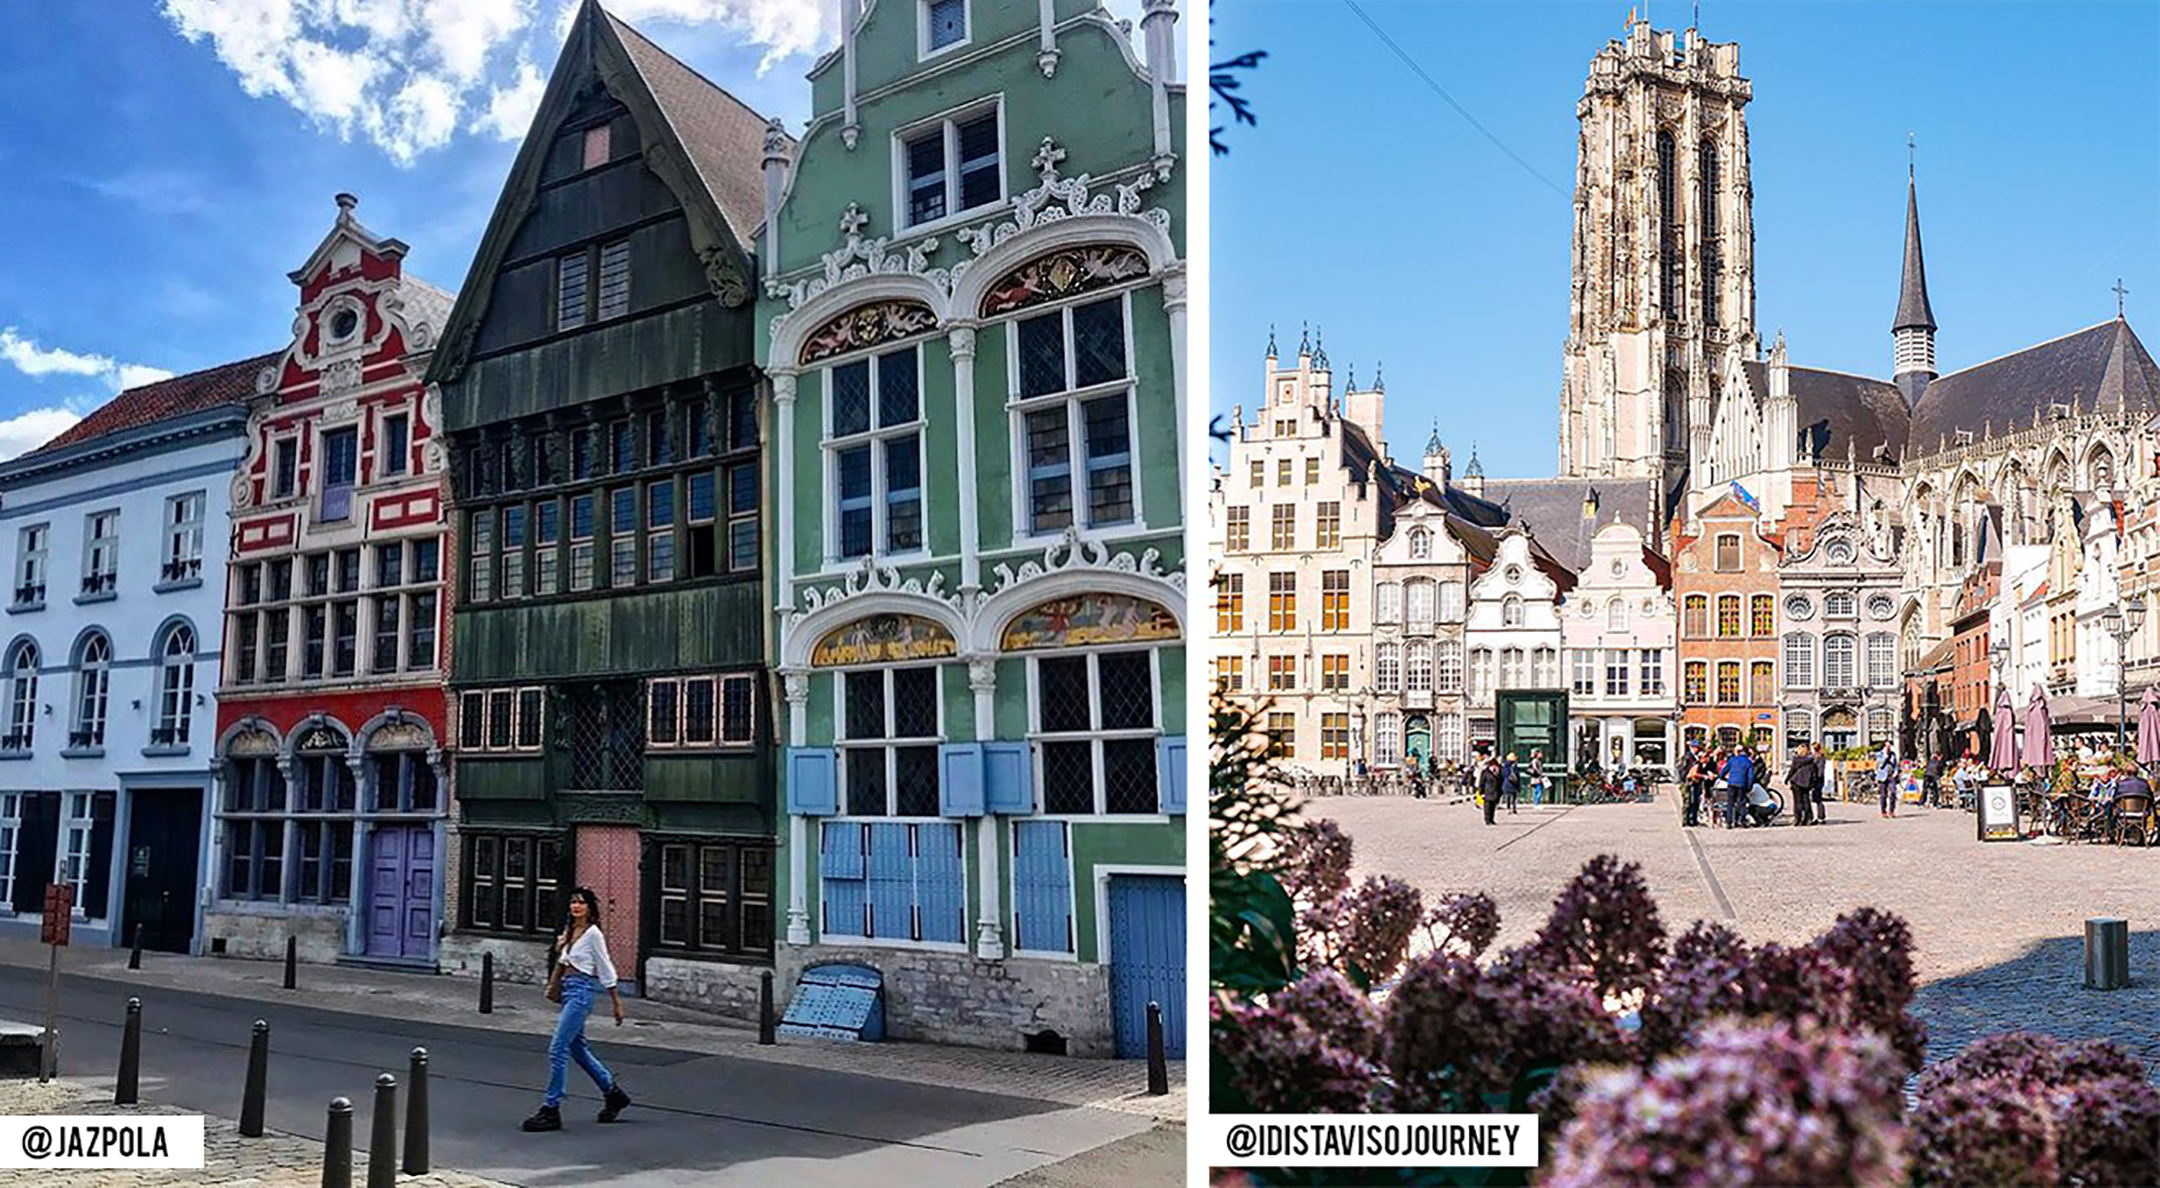 Haverwerf (à gauche) - Grote Markt (à droite)